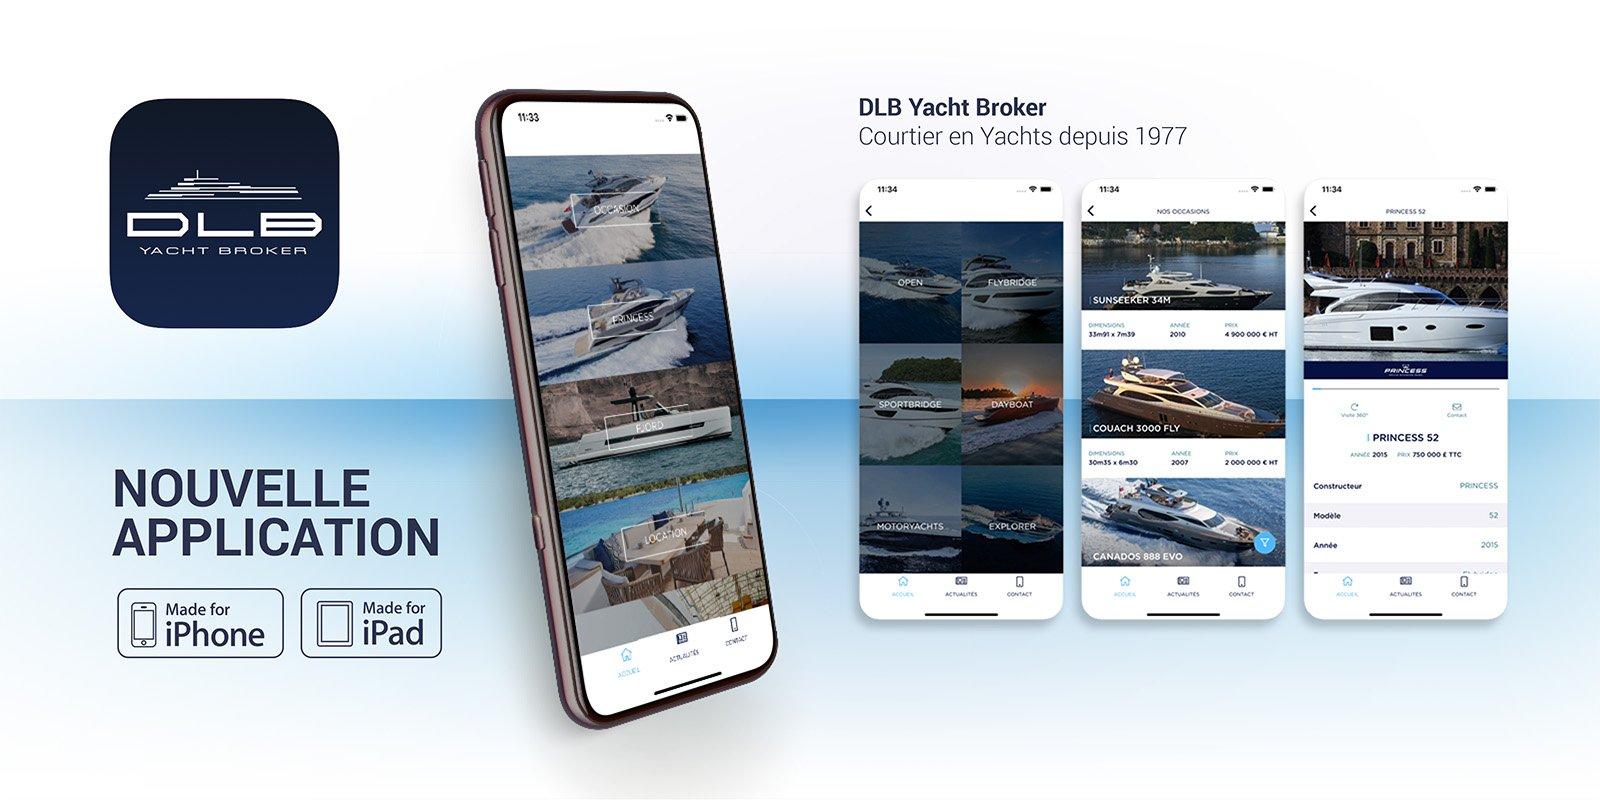 Nouvelle application DLB Yacht Broker disponible dans l'APPLE Store